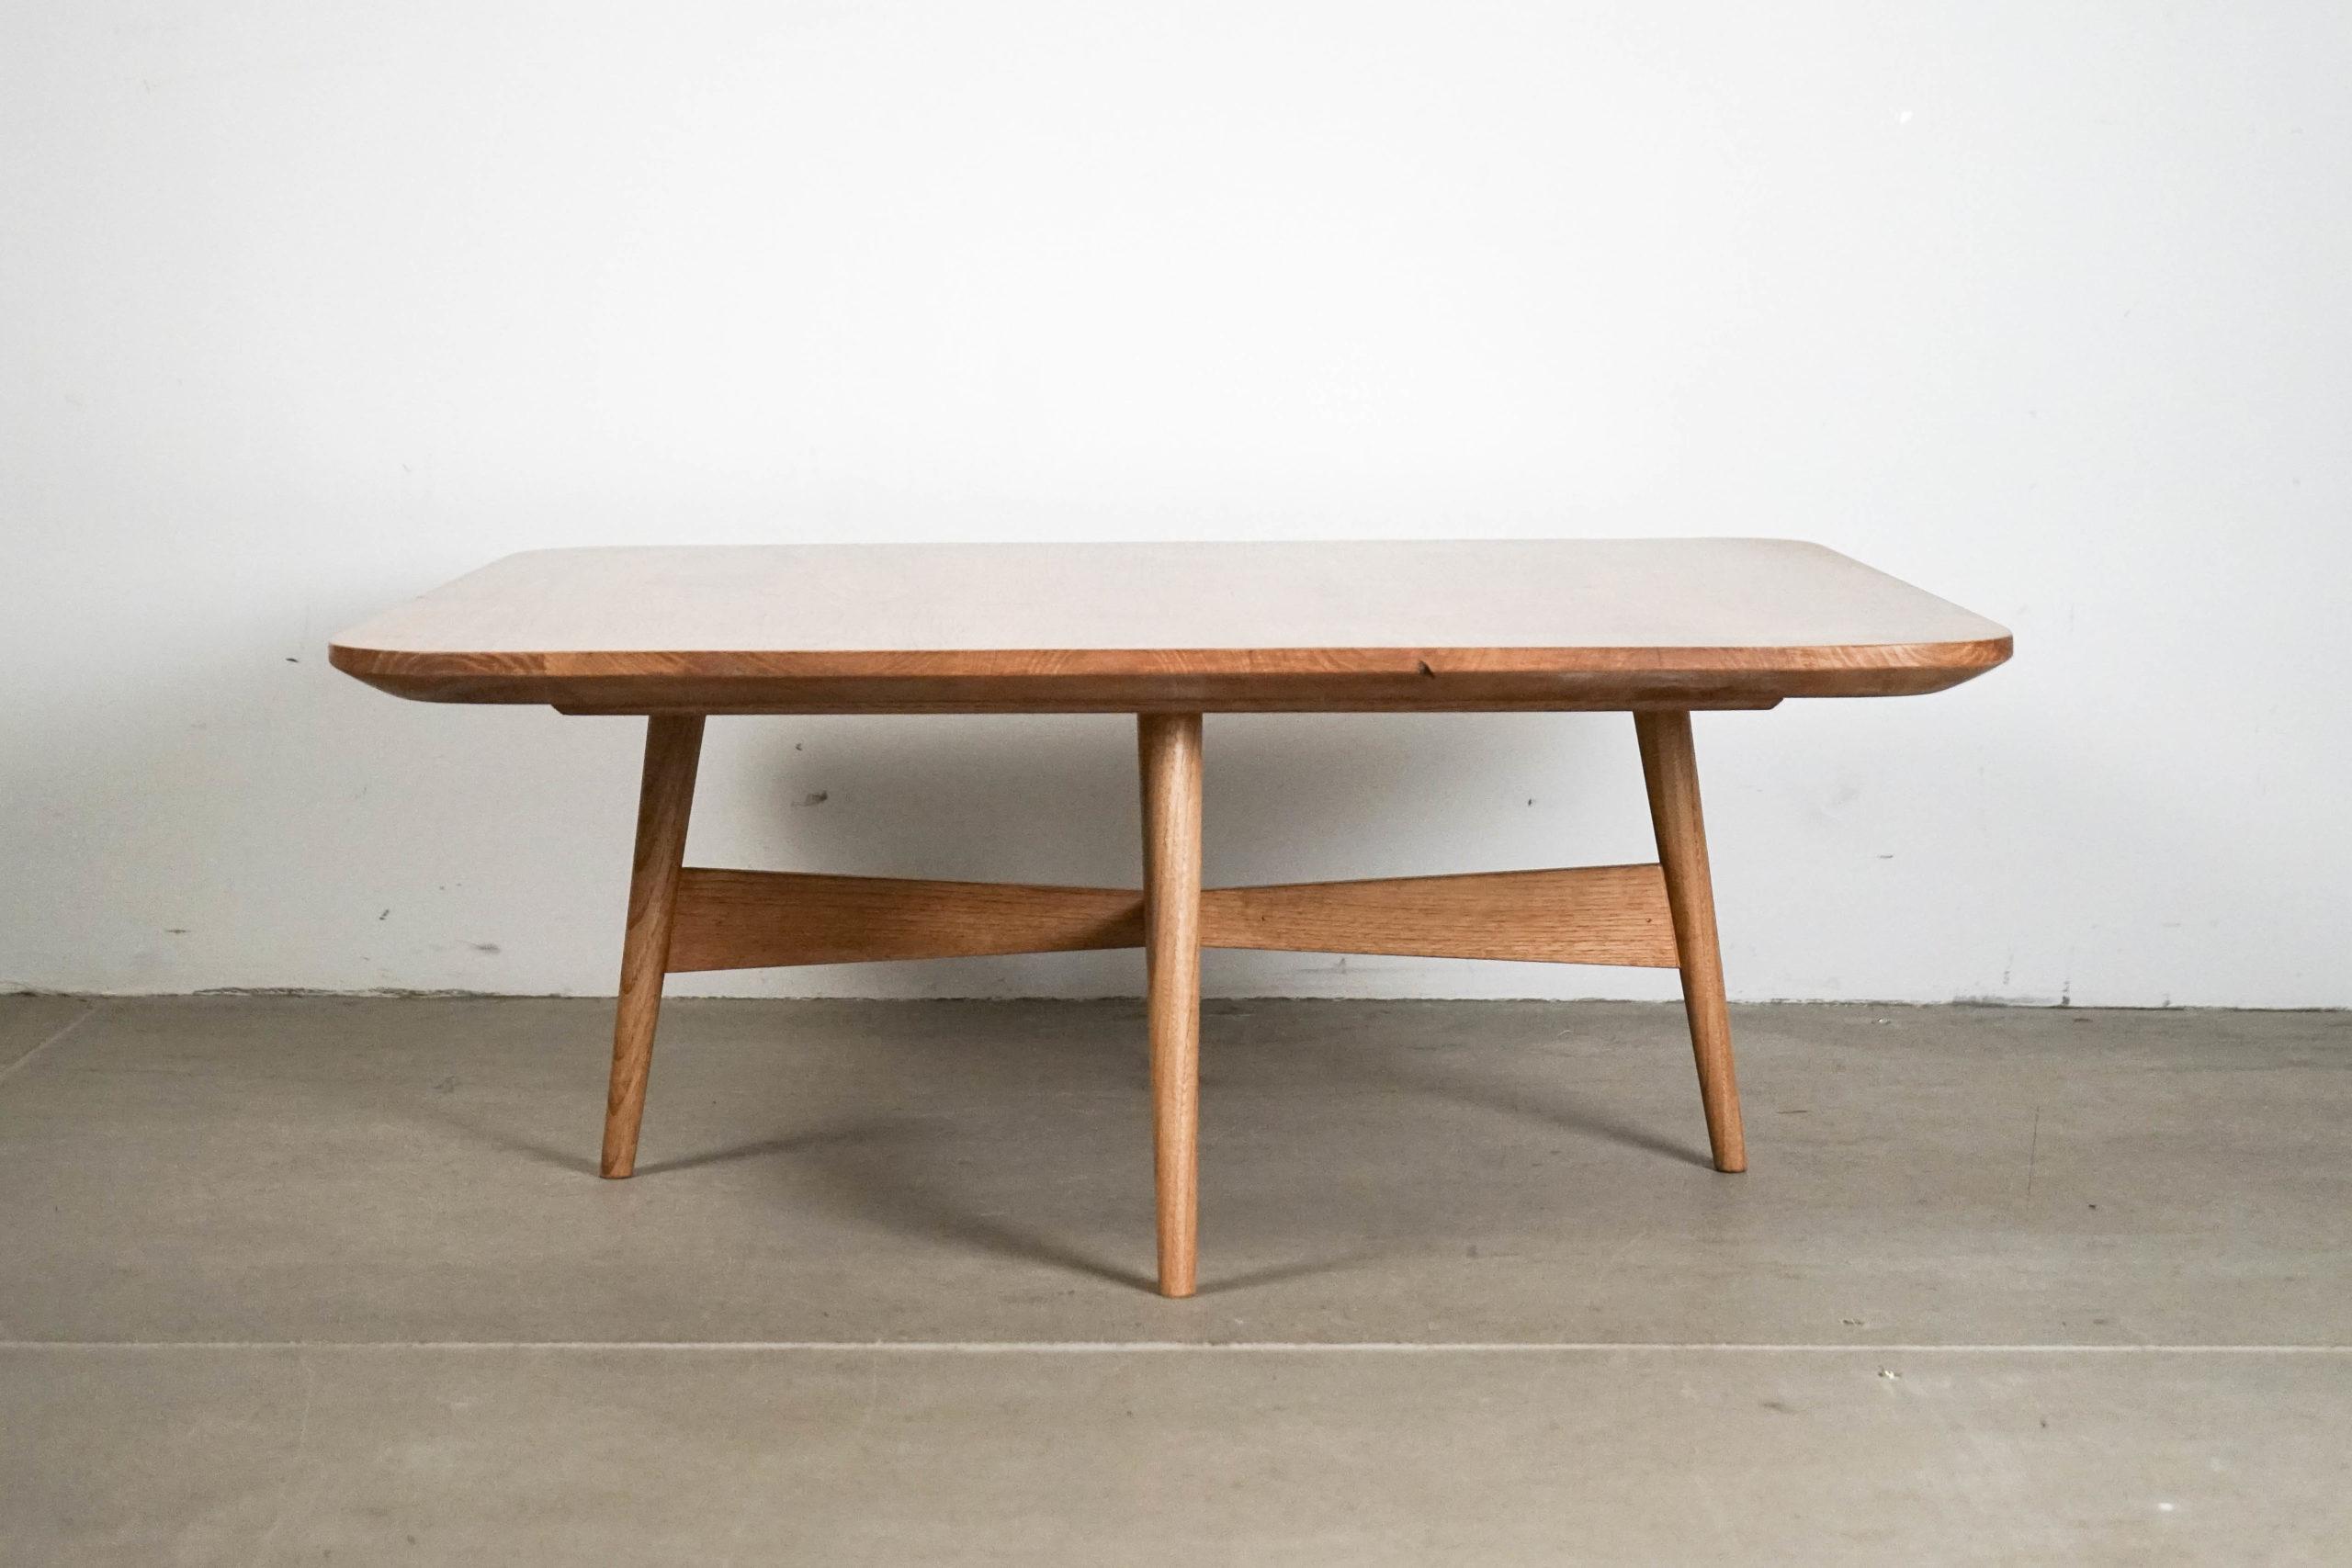 mesa de diseño de calidad hecha a mano fabricada ercol cafe centro sofa salon